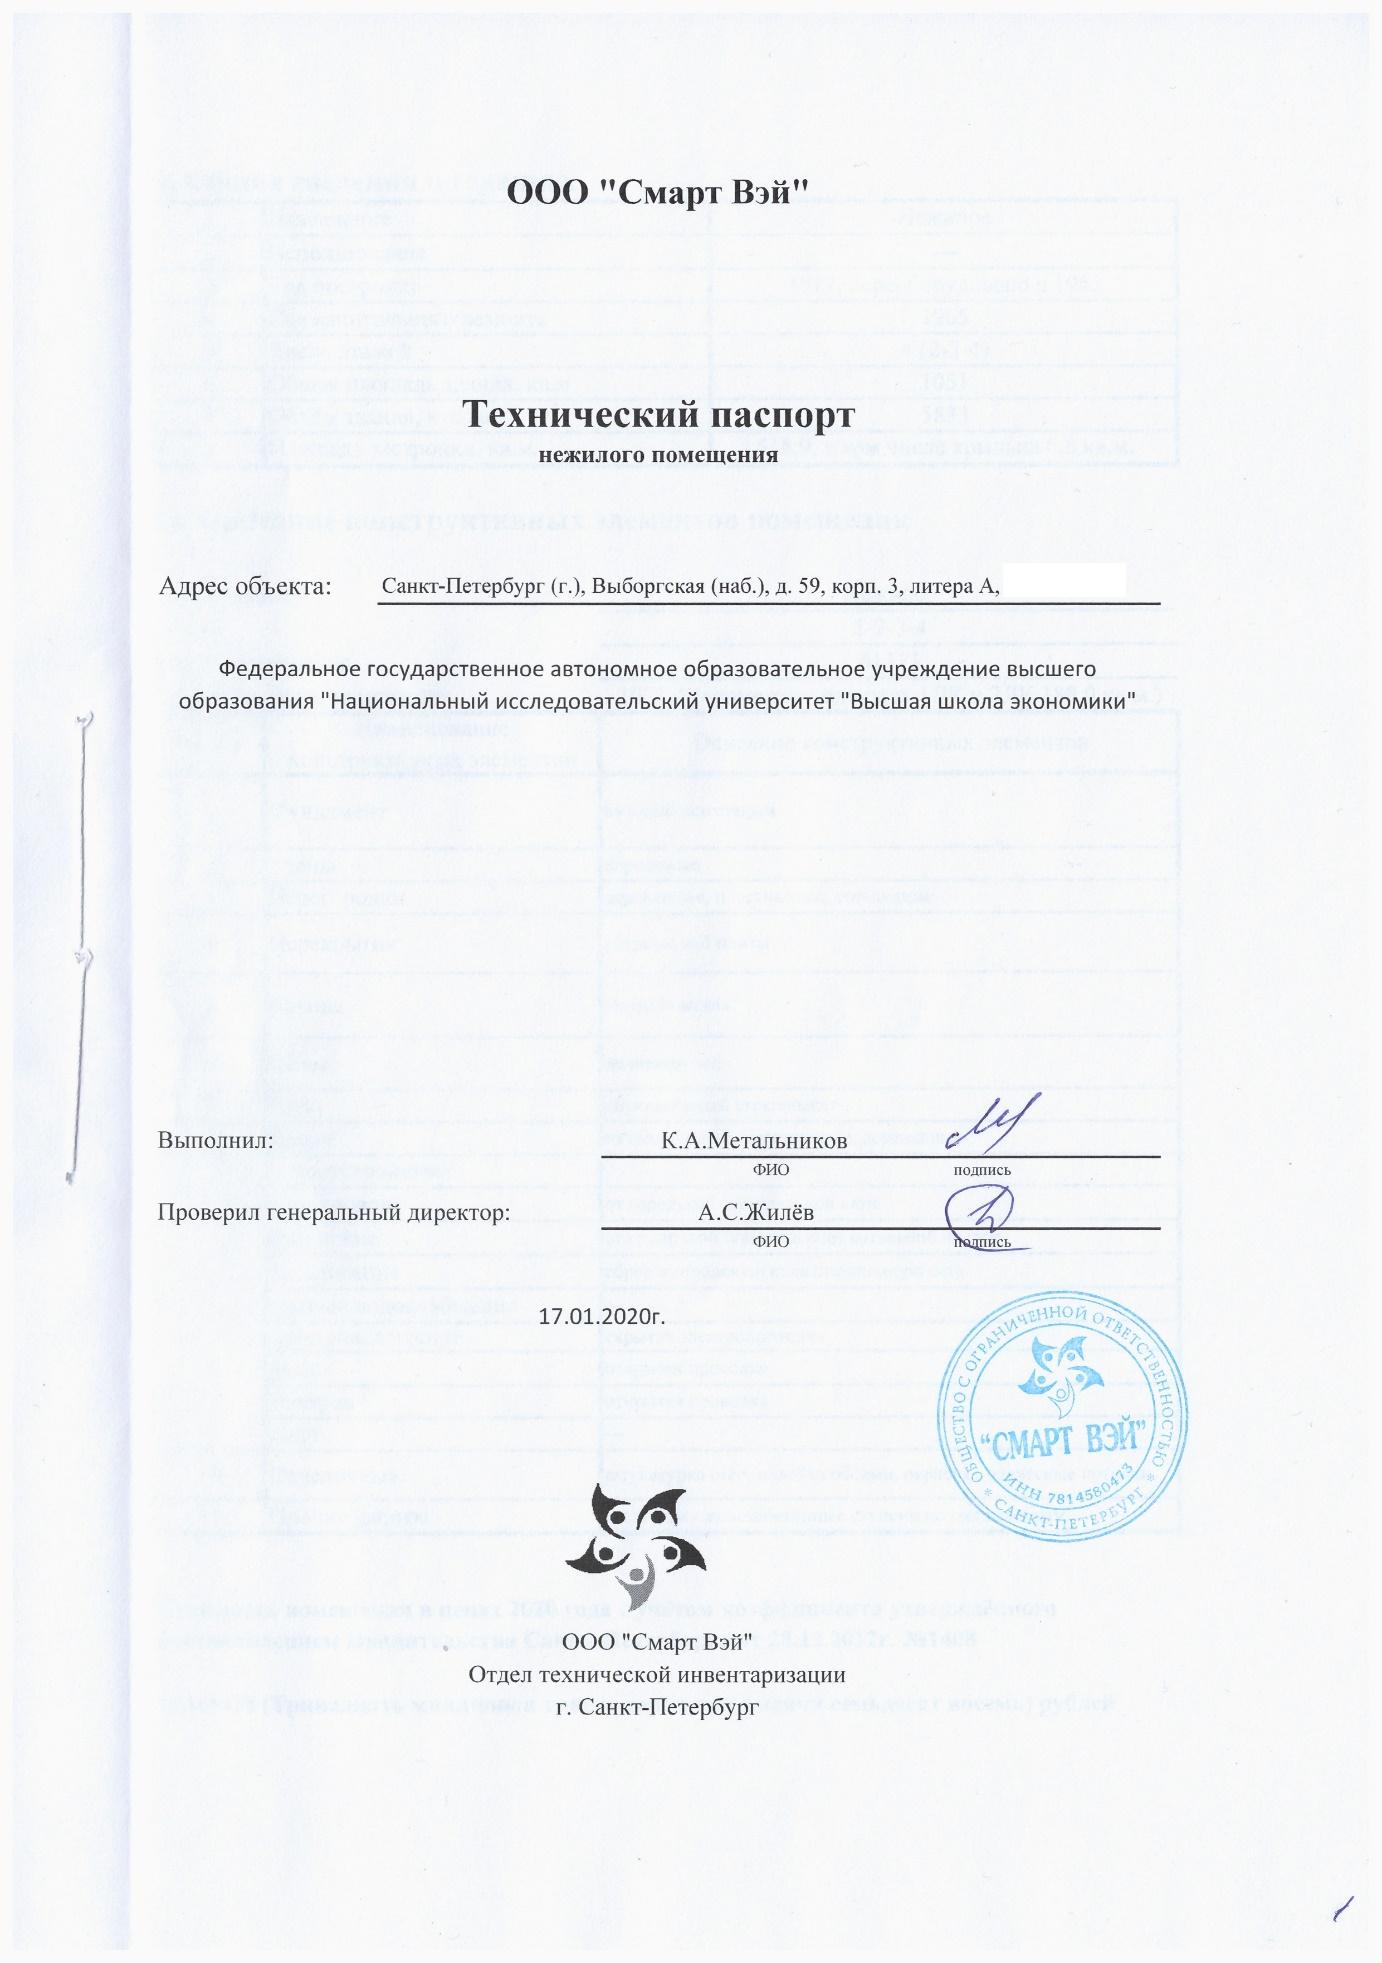 Технический паспорт (2)